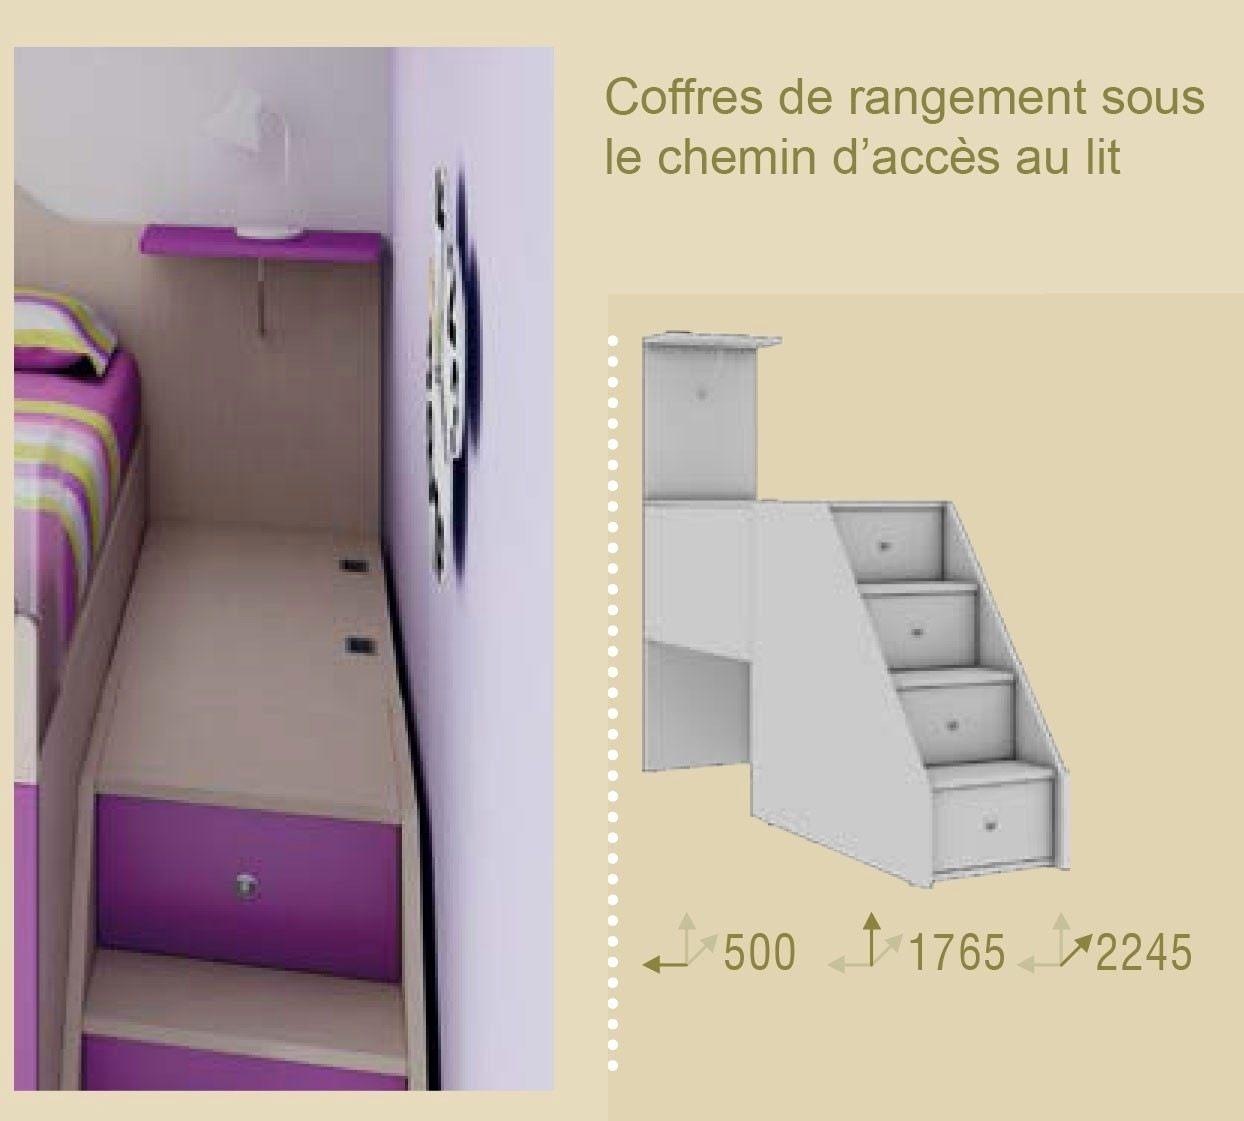 Lit Haut Avec Rangement Frais Escalier Avec Rangement Inspirant Lit Avec Escalier Rangement Lit